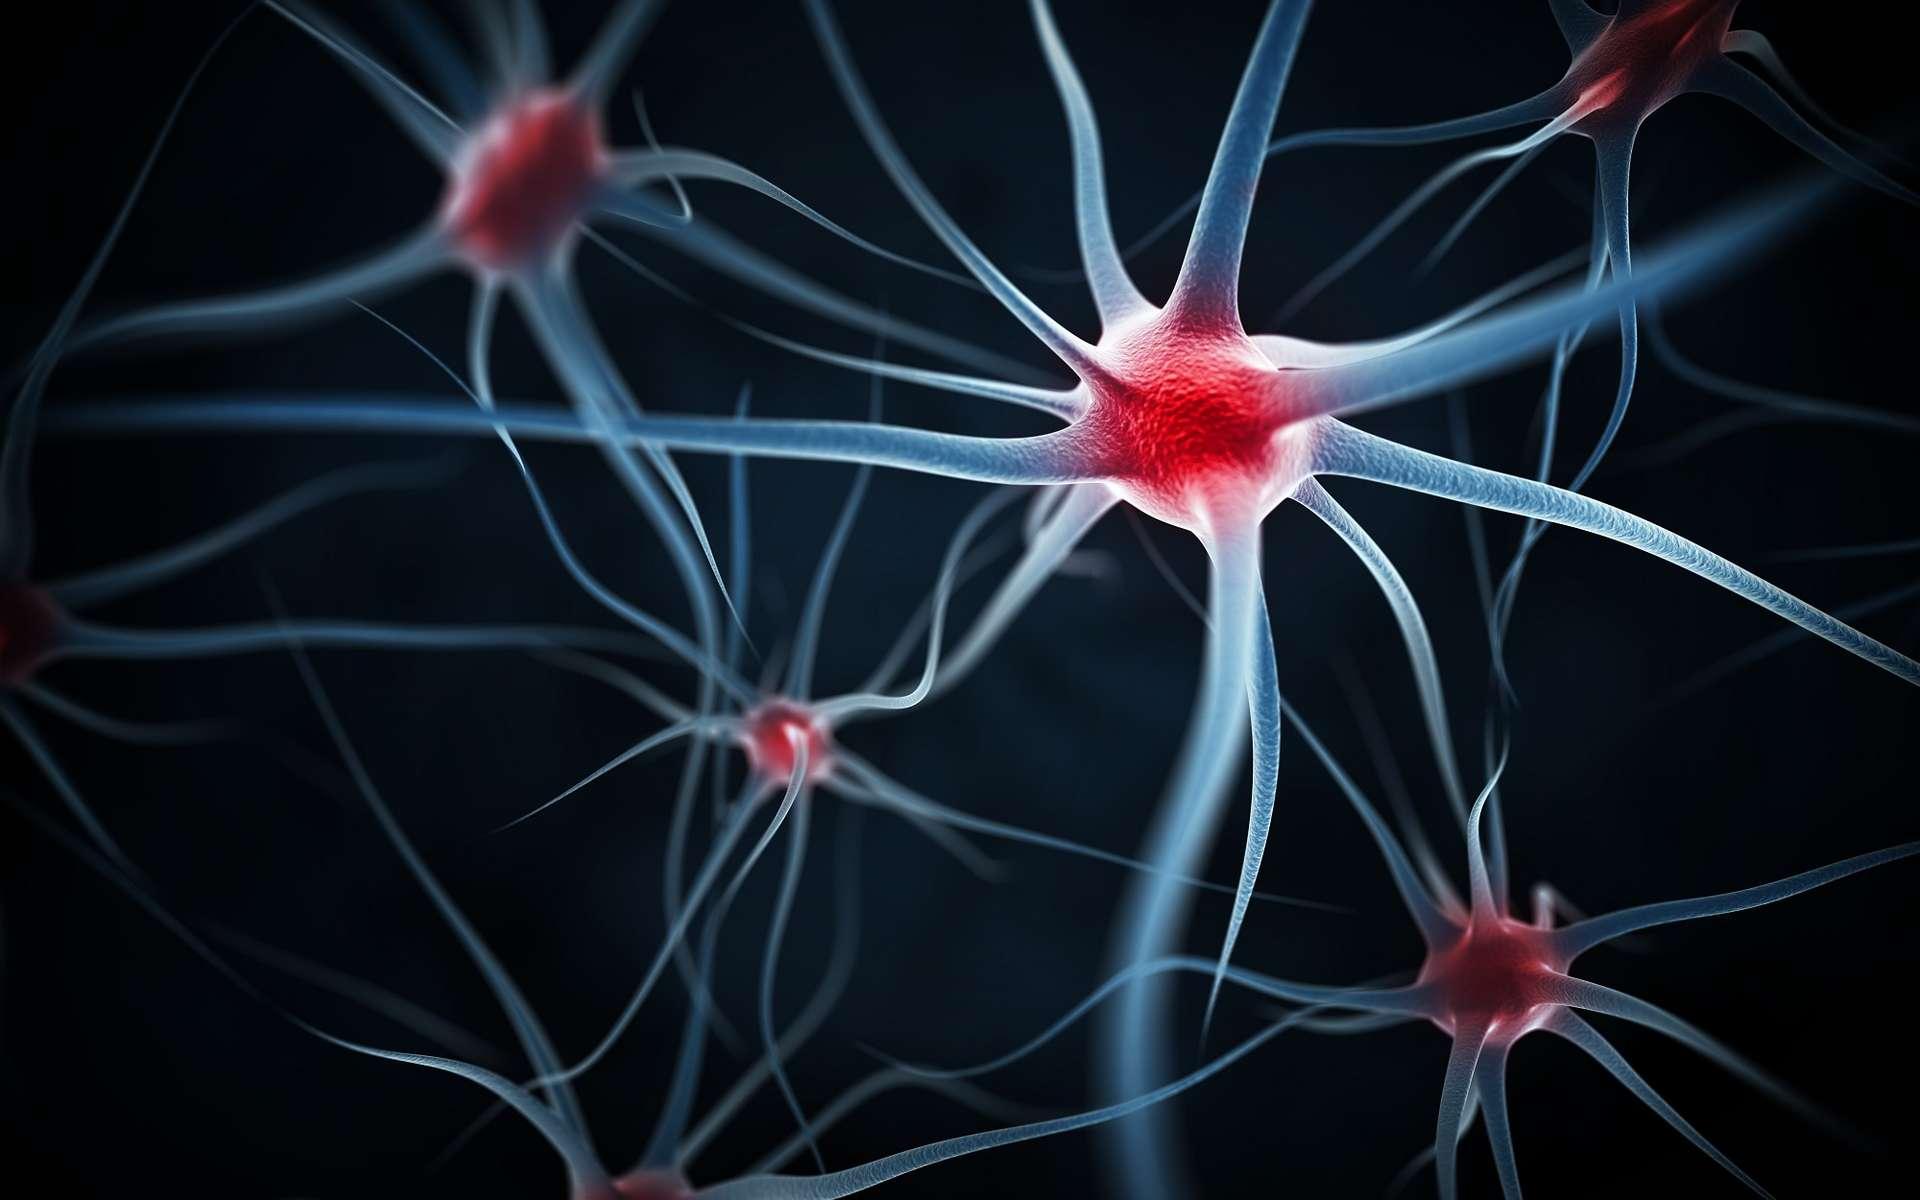 Le centre de contrôle de la douleur dans le cerveau ne comprend que 30 neurones installés dans l'hypothalamus qui coordonnent la diffusion de l'ocytocine, une hormone aux propriétés analgésiques. © Leigh Prather, Shutterstock